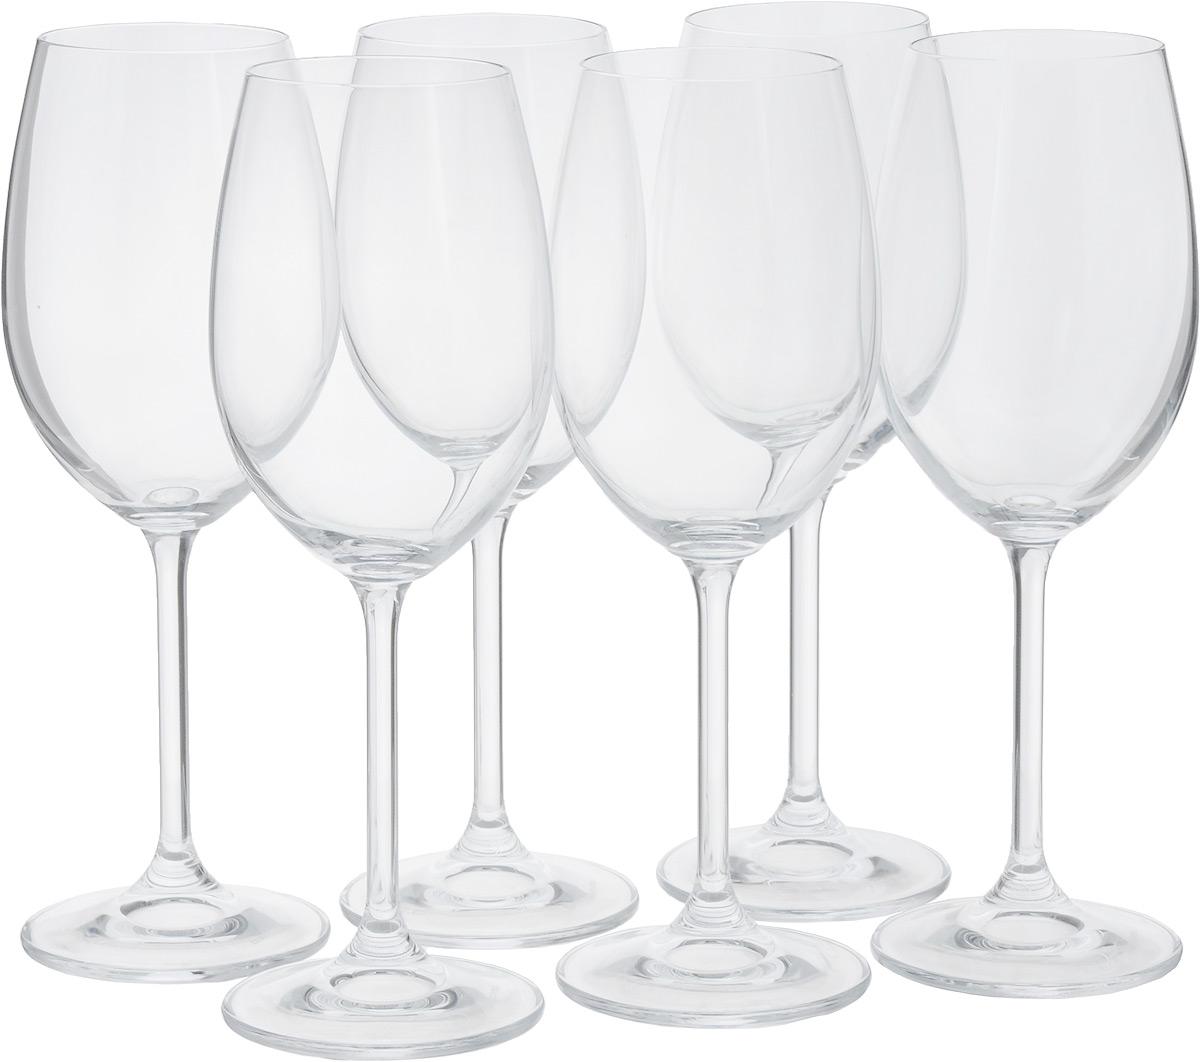 Набор бокалов для белого вина Tescoma Charlie, 350 мл, 6шт306420Набор Tescoma Charlie состоит из 6 бокалов, выполненных из прочногонатрий-кальций-силикатного стекла. Изделия оснащенывысокими ножками и предназначены для подачи белого вина. Онисочетают в себе элегантный дизайн и функциональность.Набор бокалов Tescoma Charlie прекрасно оформит праздничный стол и создастприятную атмосферу за романтическим ужином. Такой набор также станетхорошим подарком к любому случаю. Можно мыть в посудомоечной машине. Высота бокала: 22 см. Диаметр бокала (по верхнему краю): 6 см.